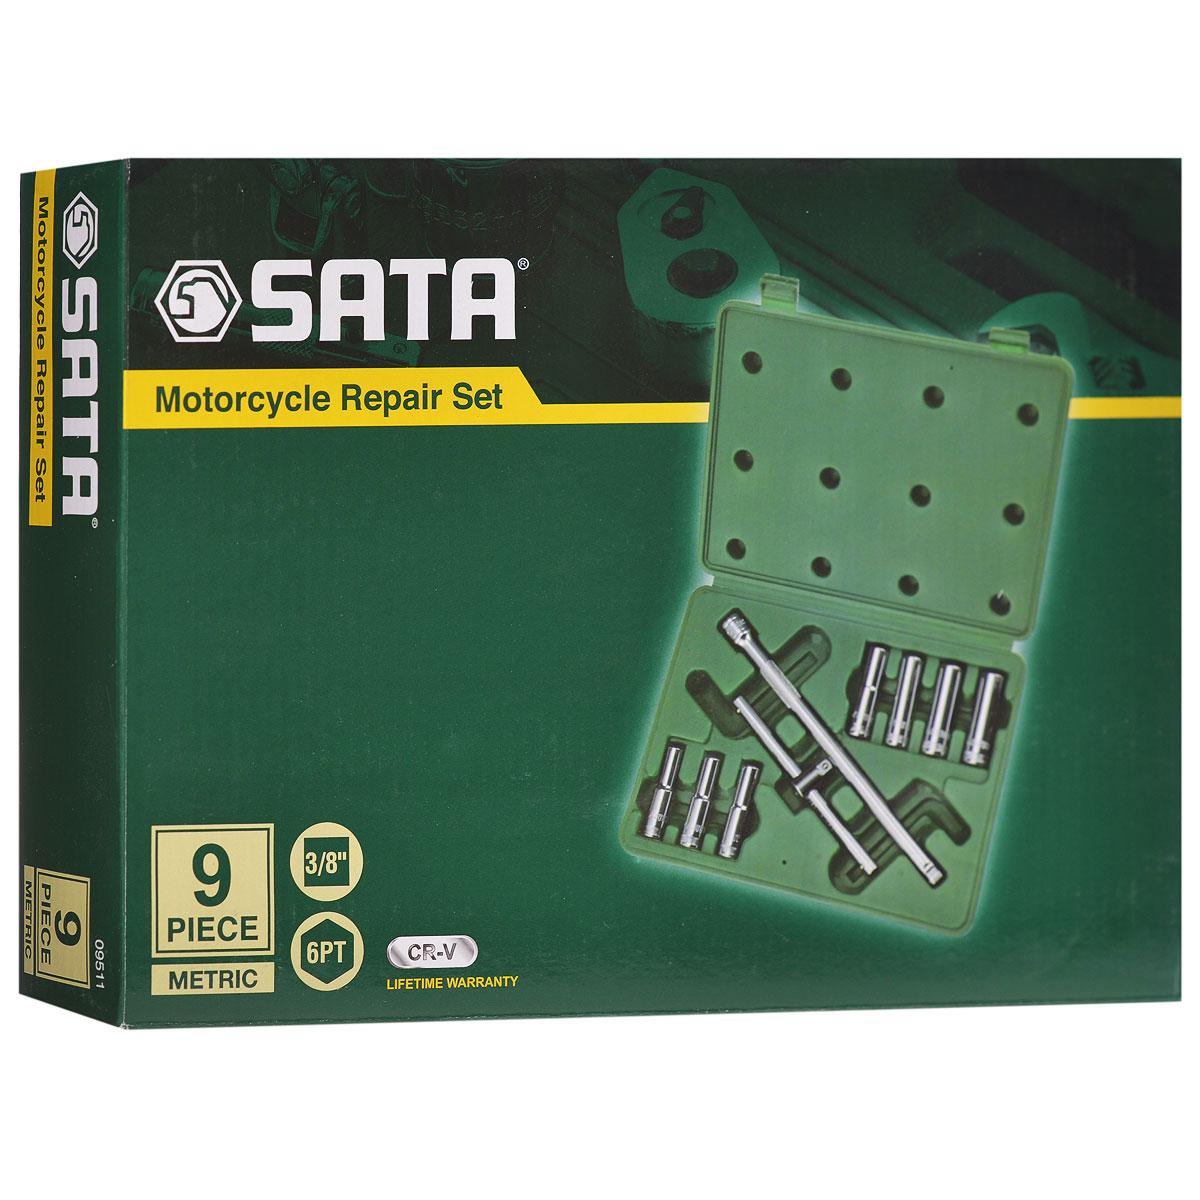 Набор торцевых головок SATA 9пр. 95119511Набор удлиненных торцевых головок Sata предназначен для монтажа/демонтажа резьбовых соединений. Все инструменты набора выполнены из высококачественной хромованадиевой стали. В комплекте пластиковый кейс для переноски и хранения.Состав набора:Головки удлиненные шестигранные торцевые: 8 мм, 9 мм, 10 мм, 11 мм, 12 мм, 13 мм, 14 мм.Вороток со скользящей перекладиной.Отклоняемый удлинитель длиной 10 дюймов.